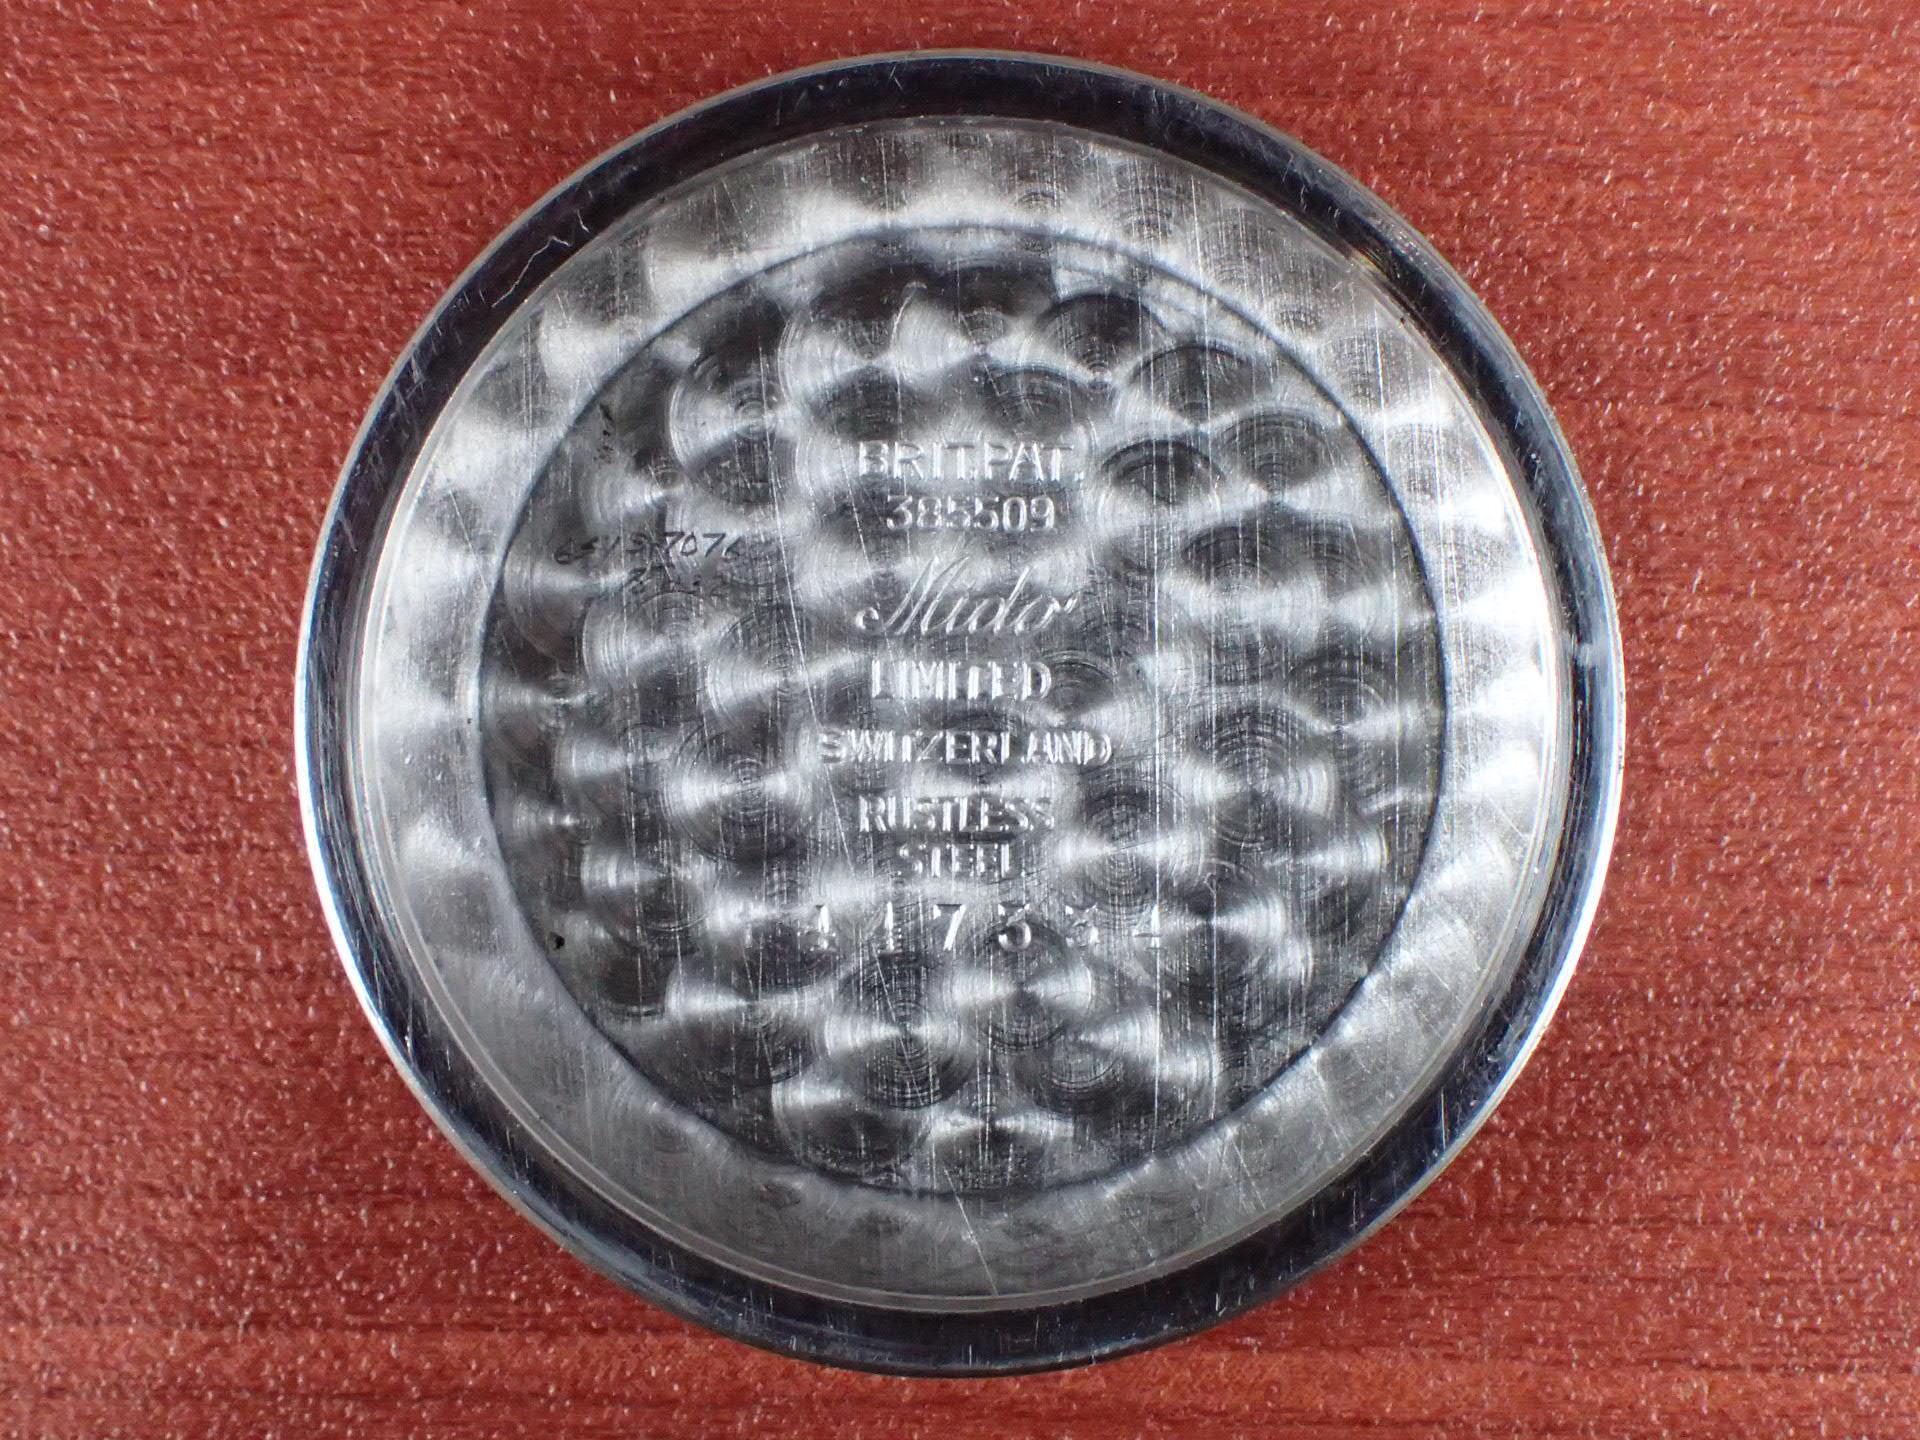 ミドー マルチフォート ラージケース 34mm 2トーンダイアル 1940年代の写真6枚目